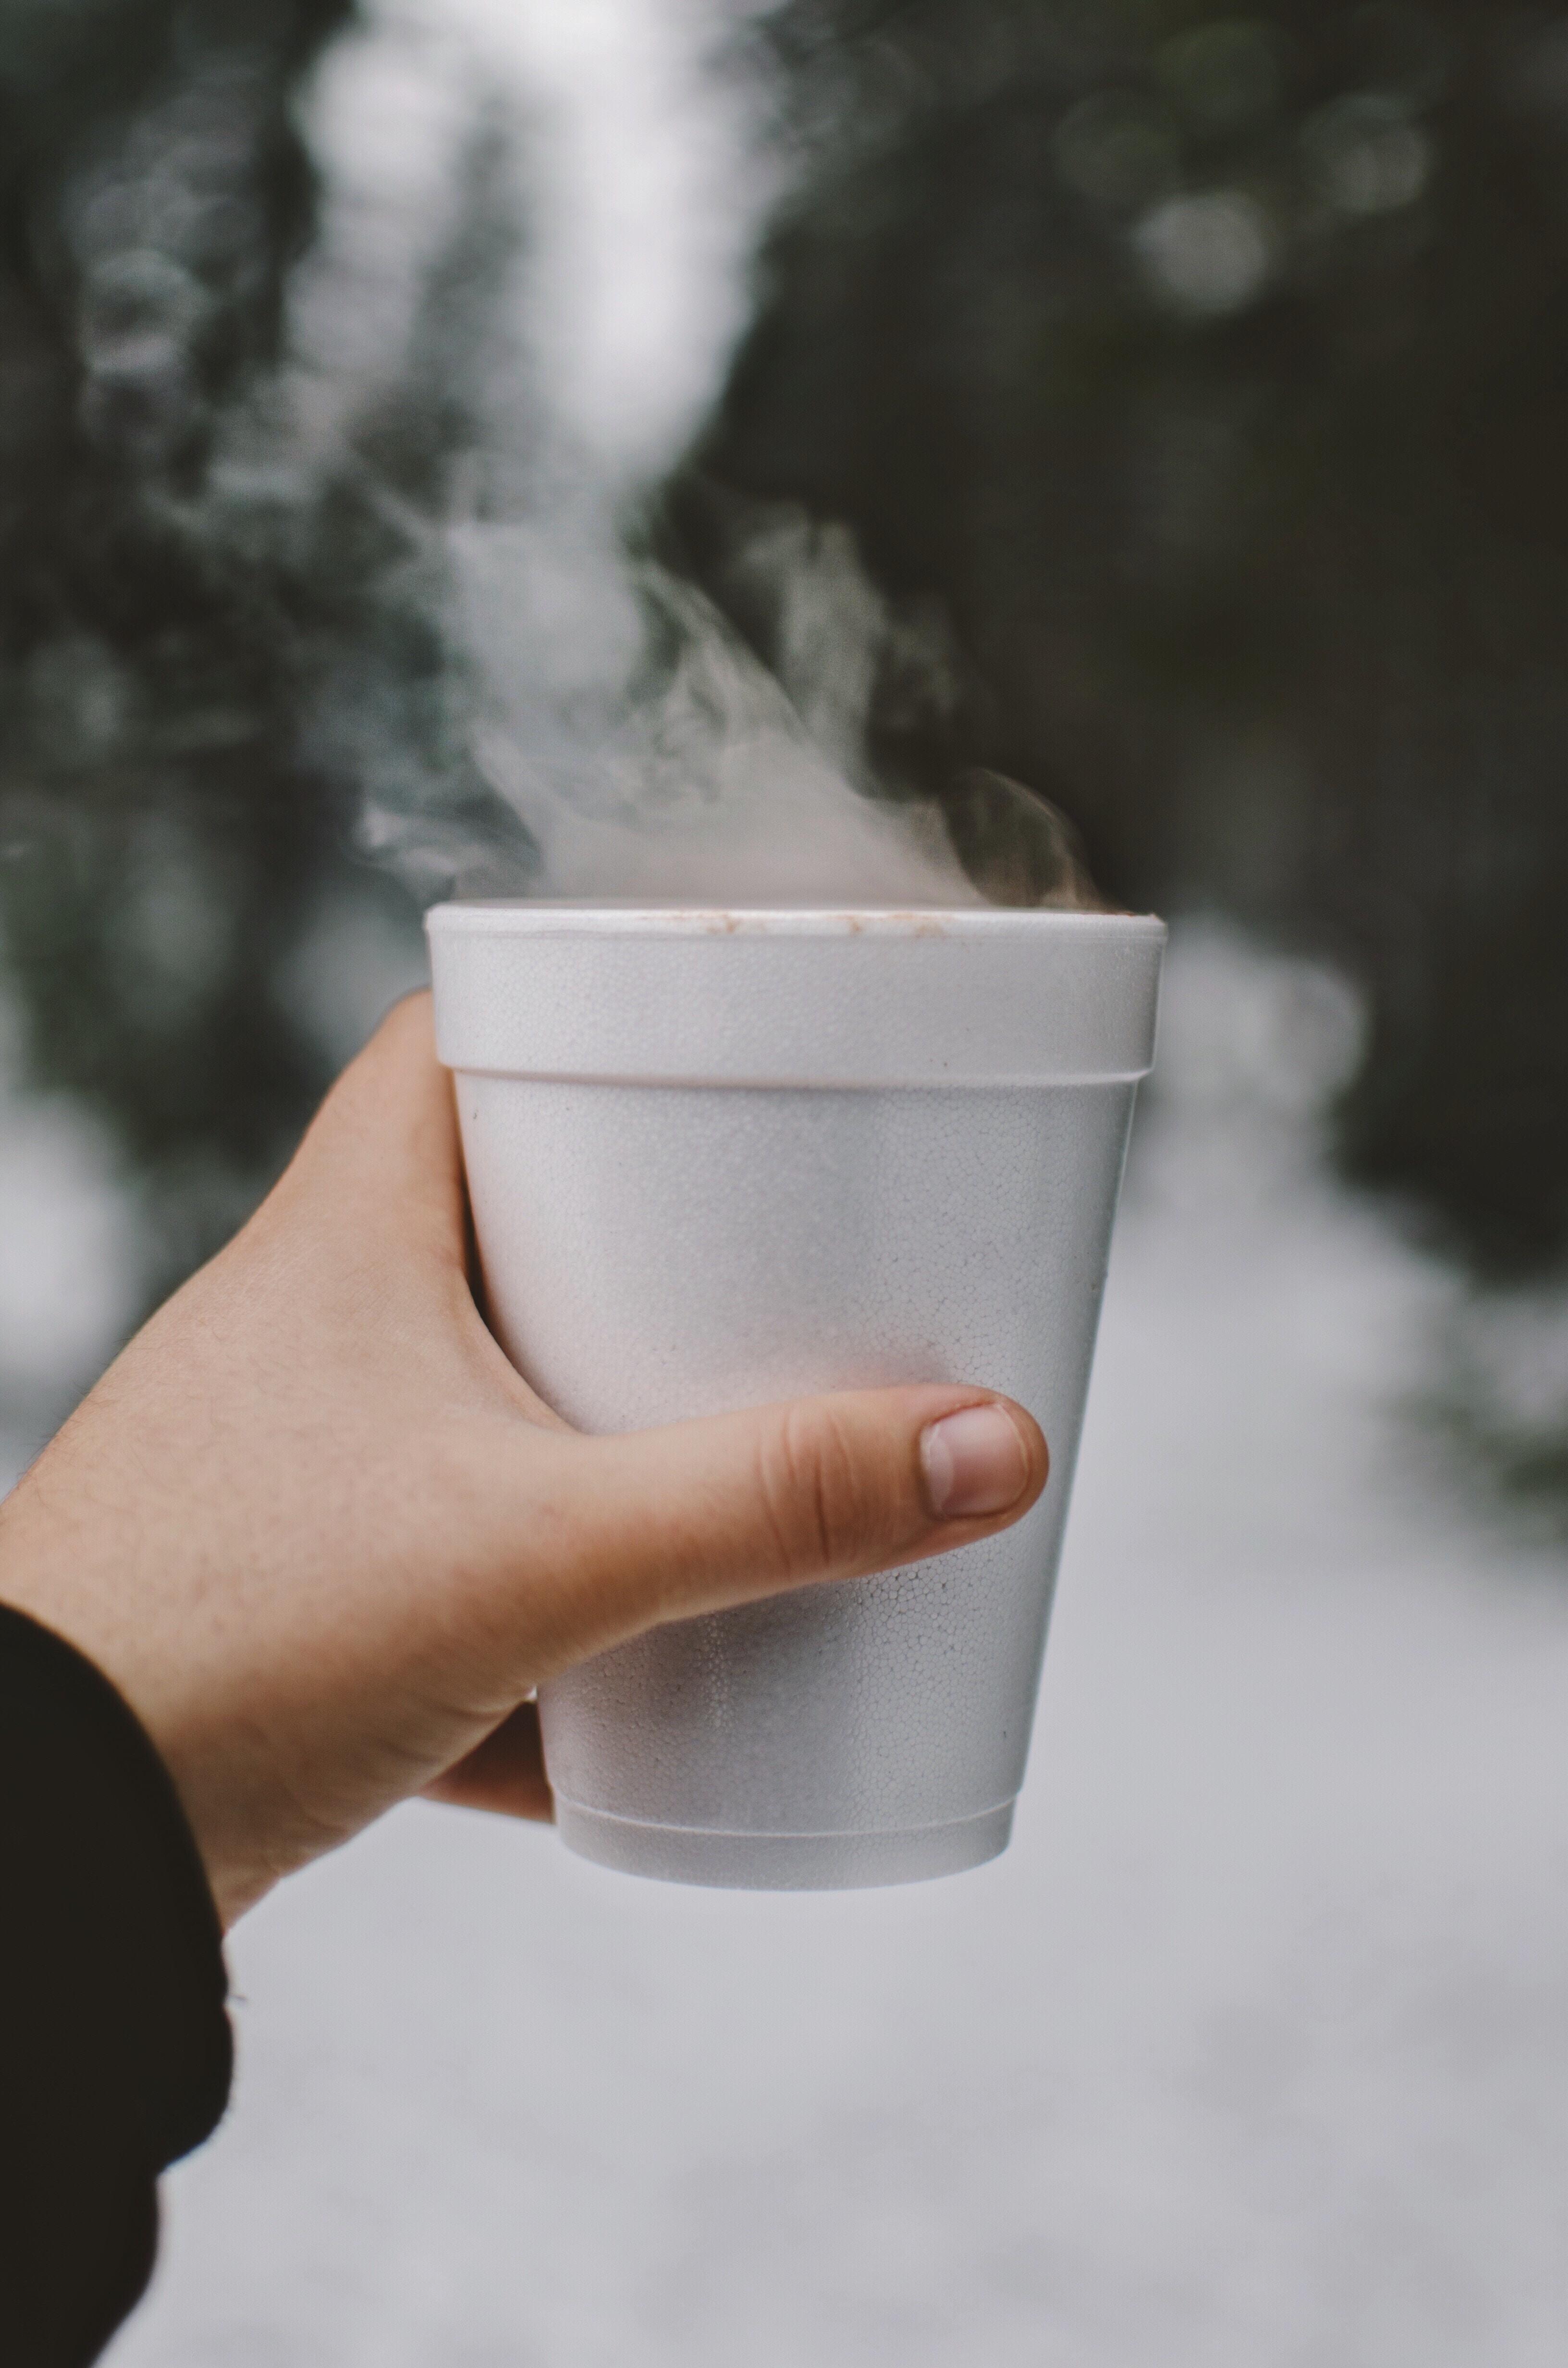 Tuin ideeën om het warm te krijgen